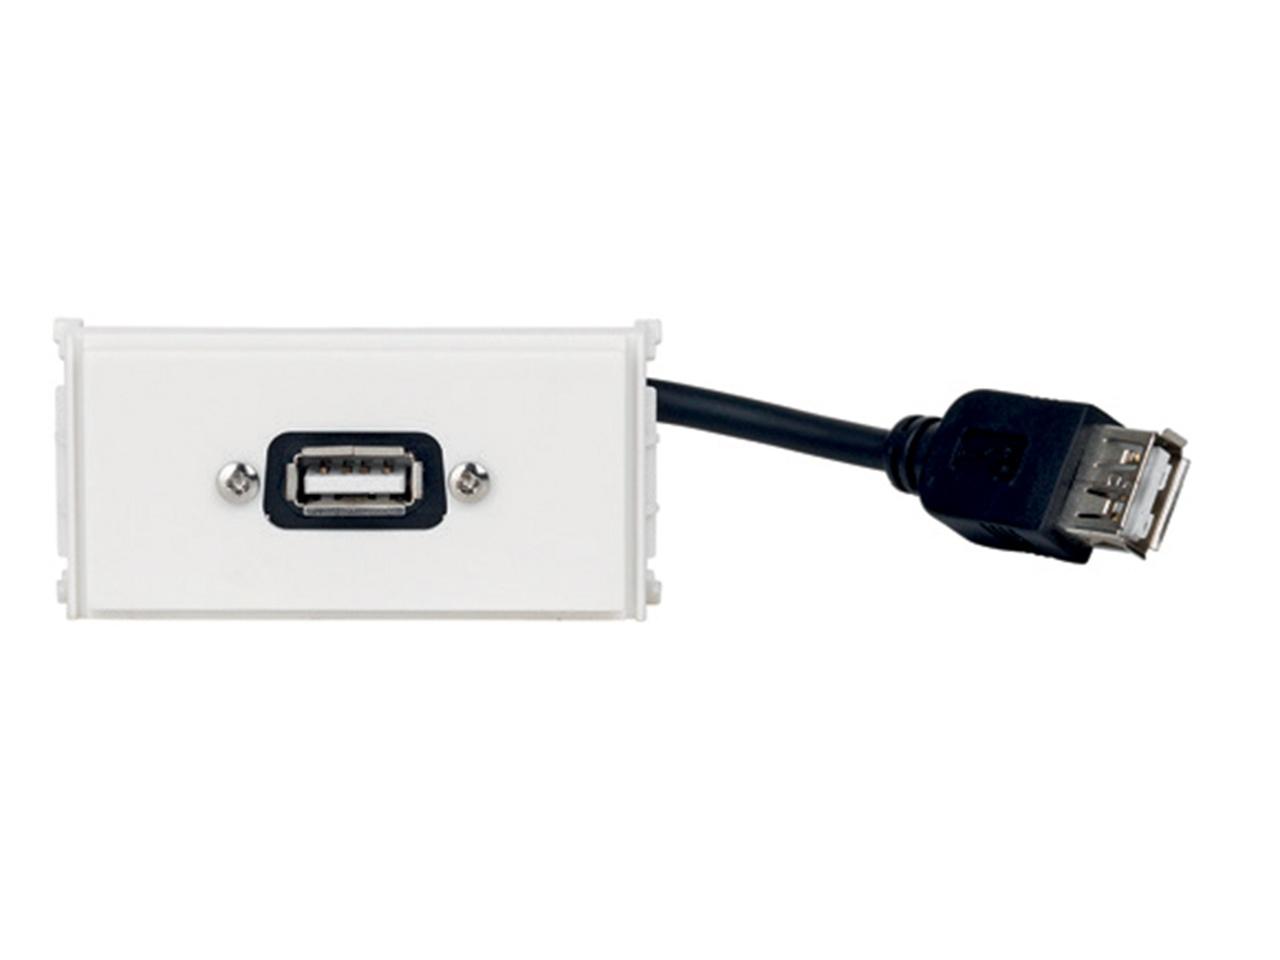 Csatlakozo Oldafali USB WI221275 2 1 Vizuáltechnika bolt